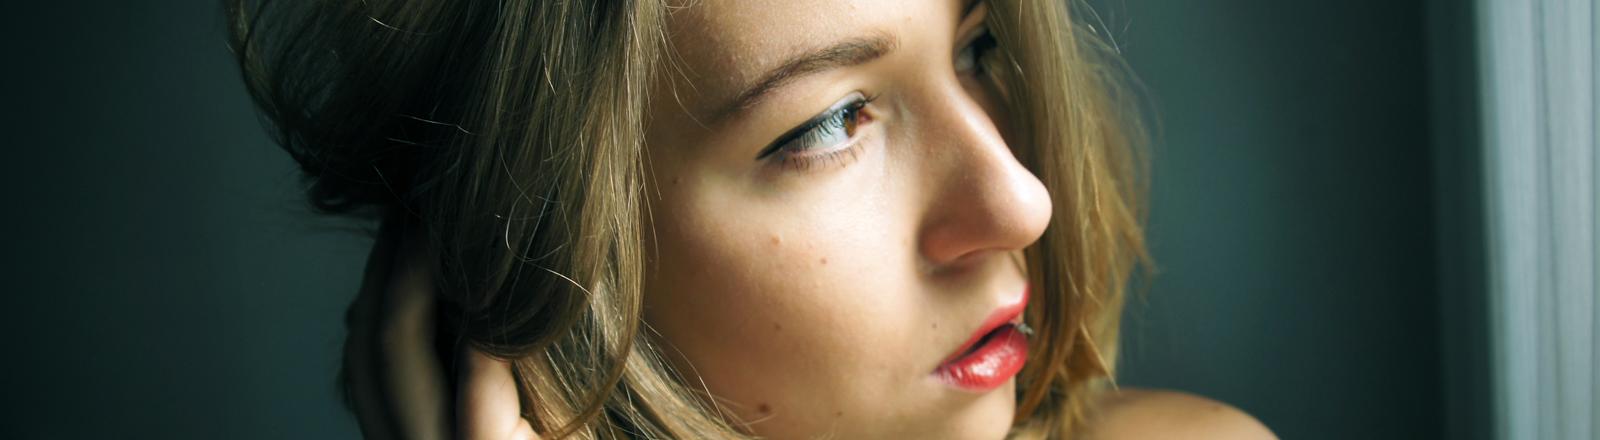 Ein Frau blickt kritisch aus dem Fenster.